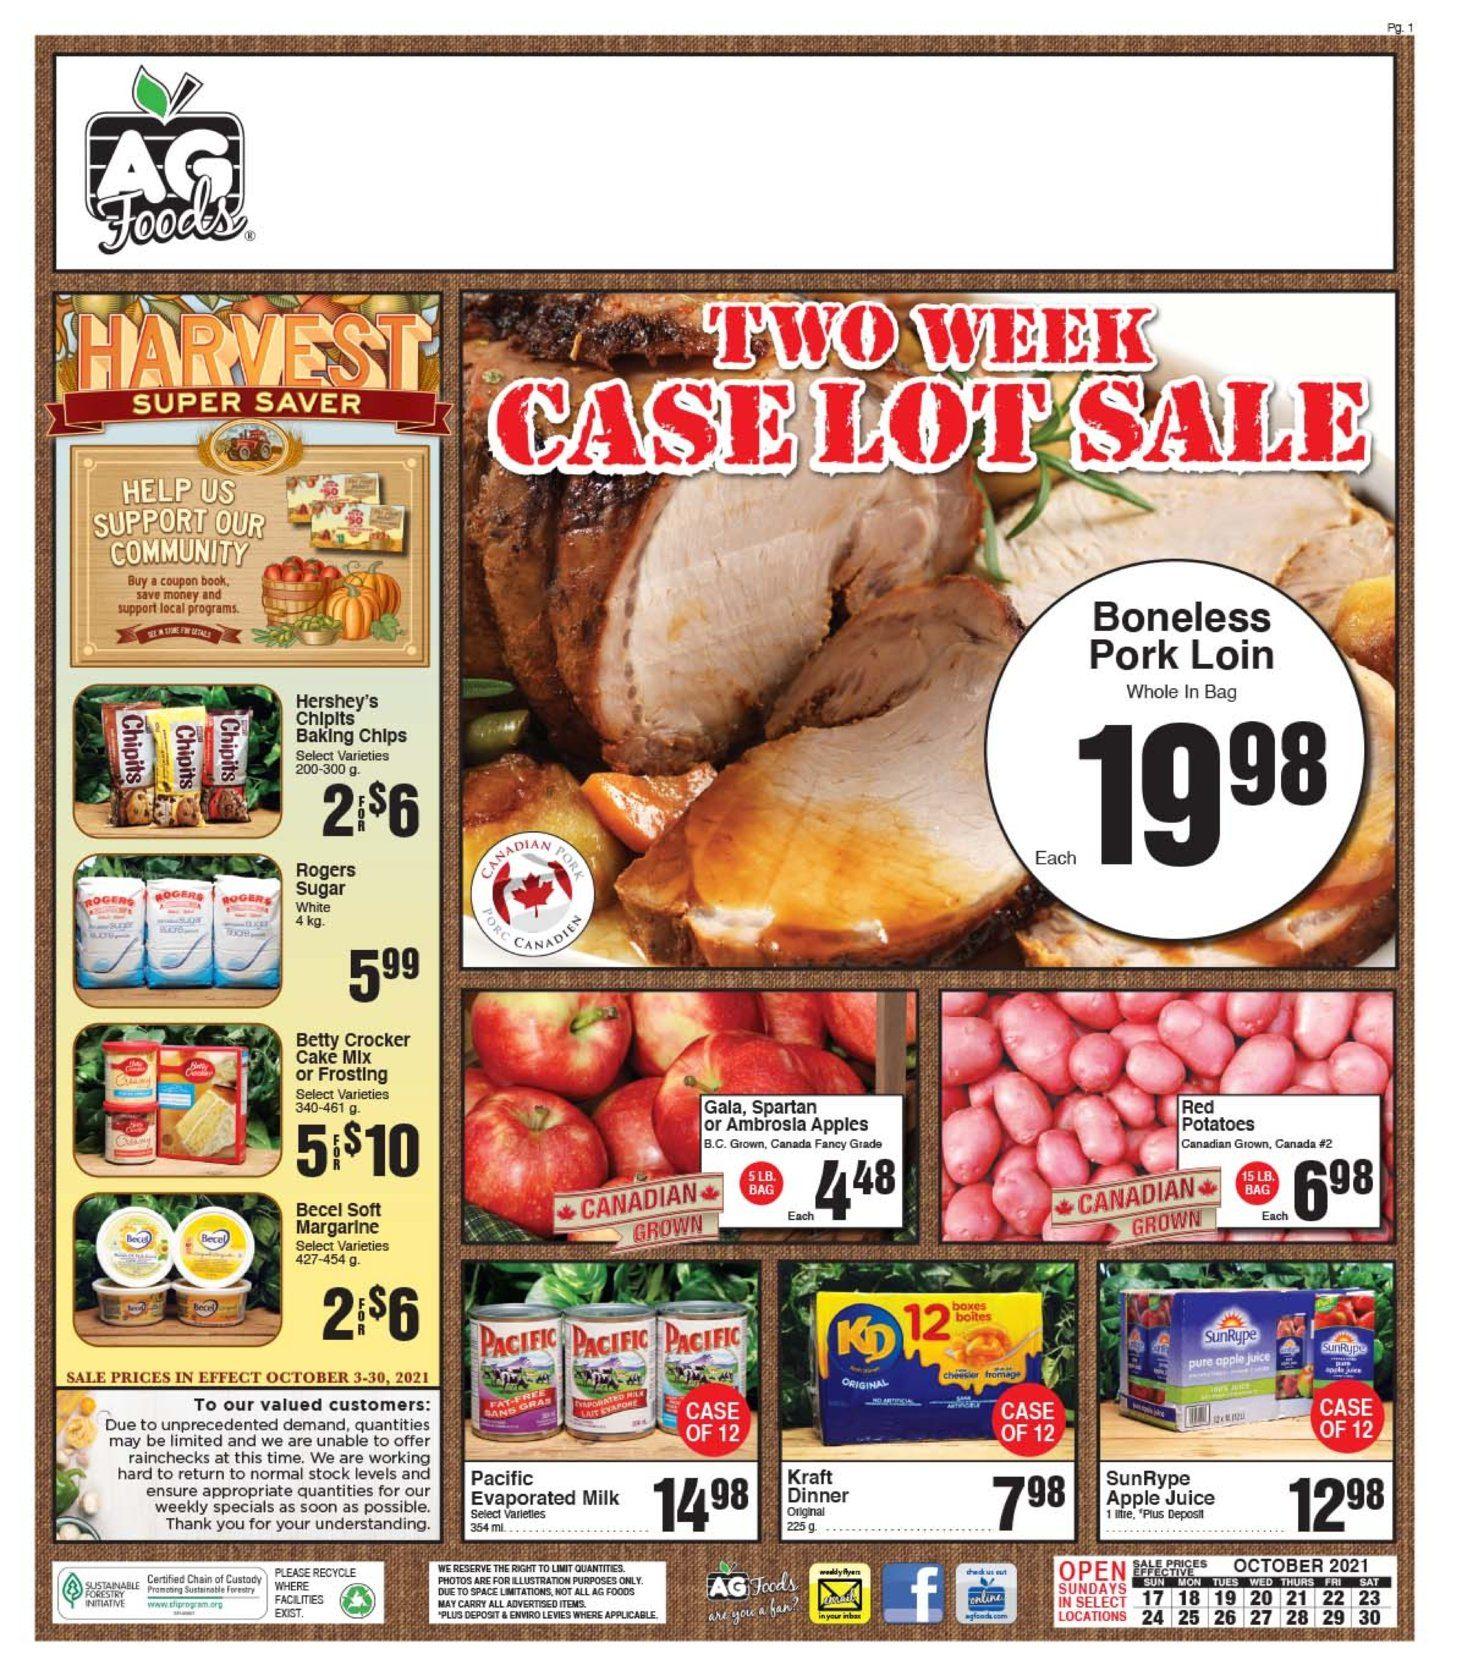 AG Foods - 2 Weeks of Savings